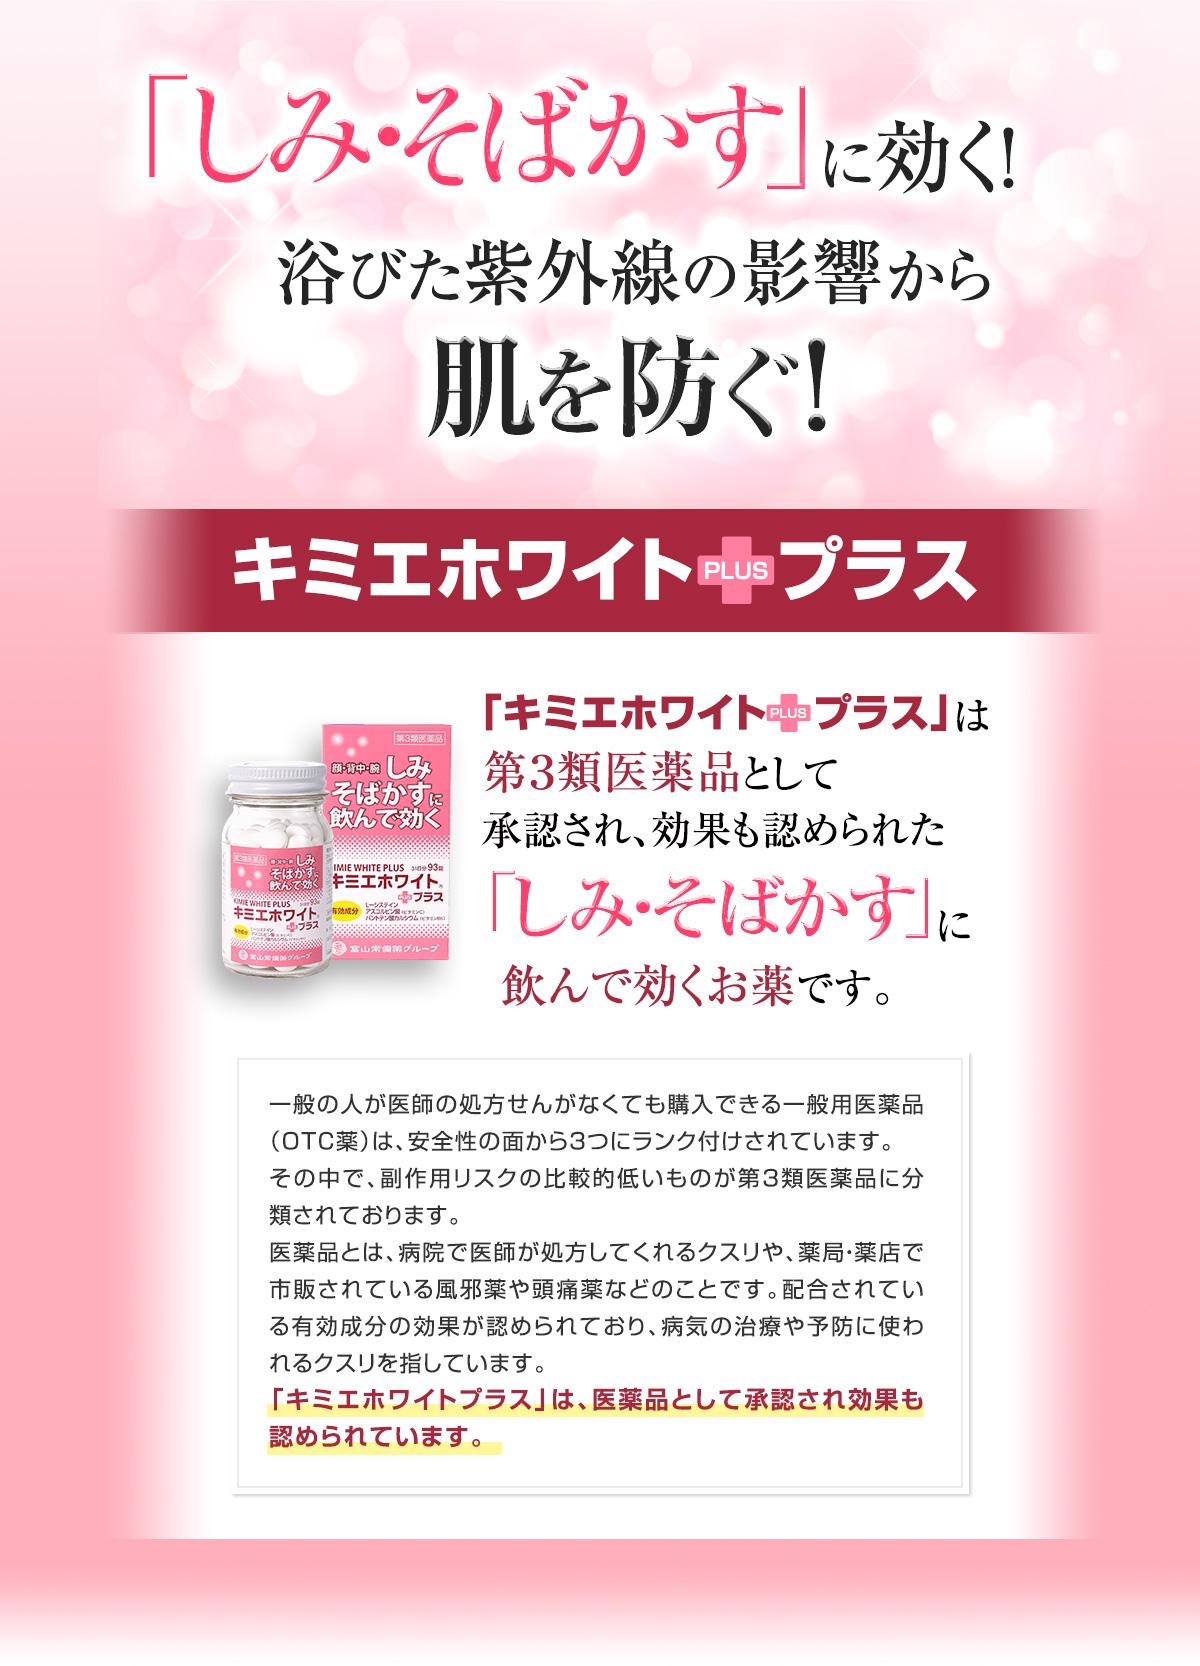 「しみ・そばかす」に効く!浴びた紫外線の影響から肌を防ぐ!